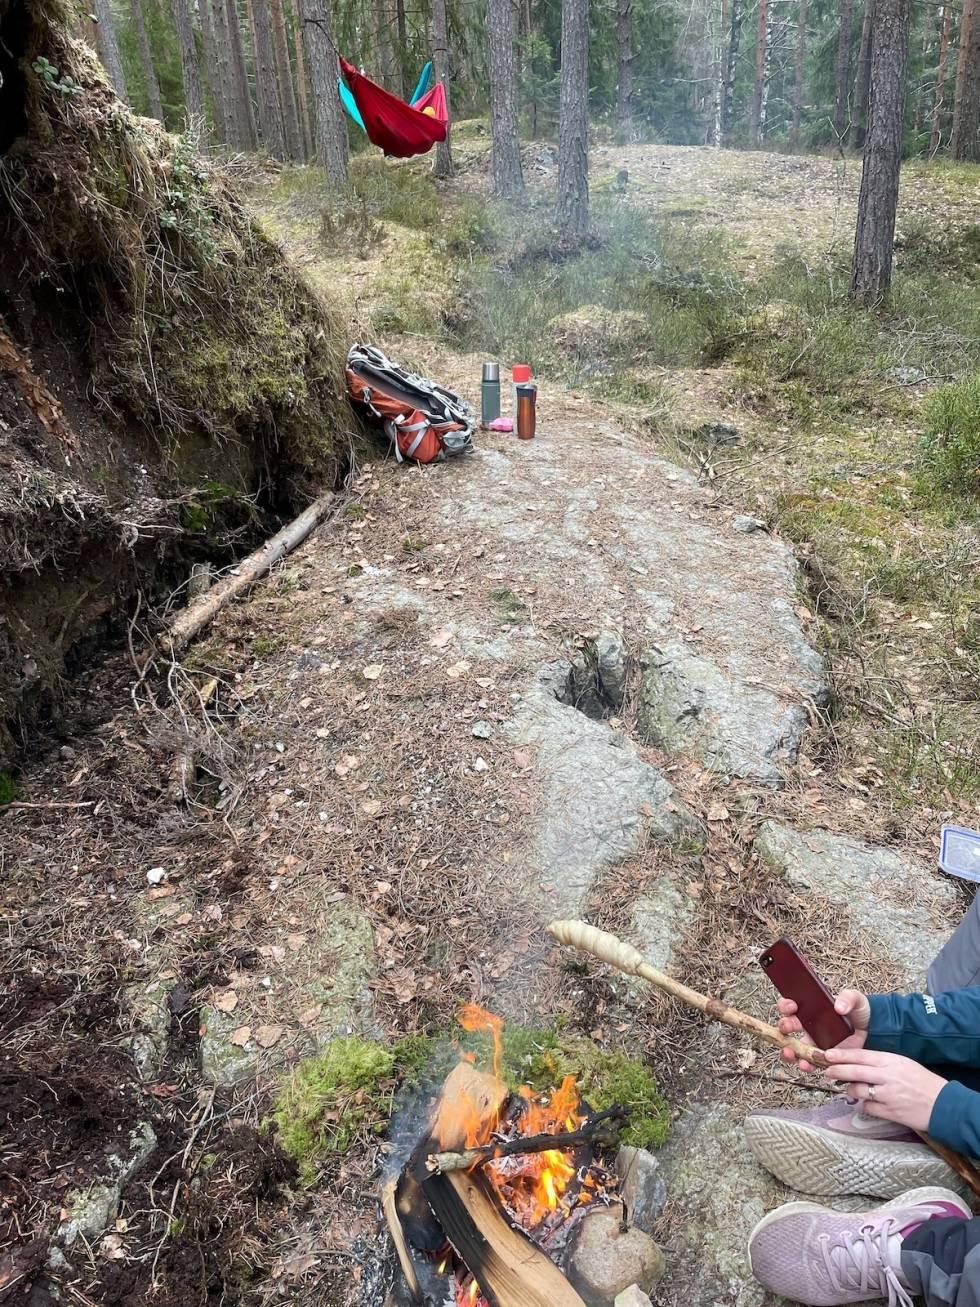 TØRT OG FINT: Nå er det glimrende forhold for både sykling og rasting i skogen rundt Lathusåsen. Foto: Andreas Christensen